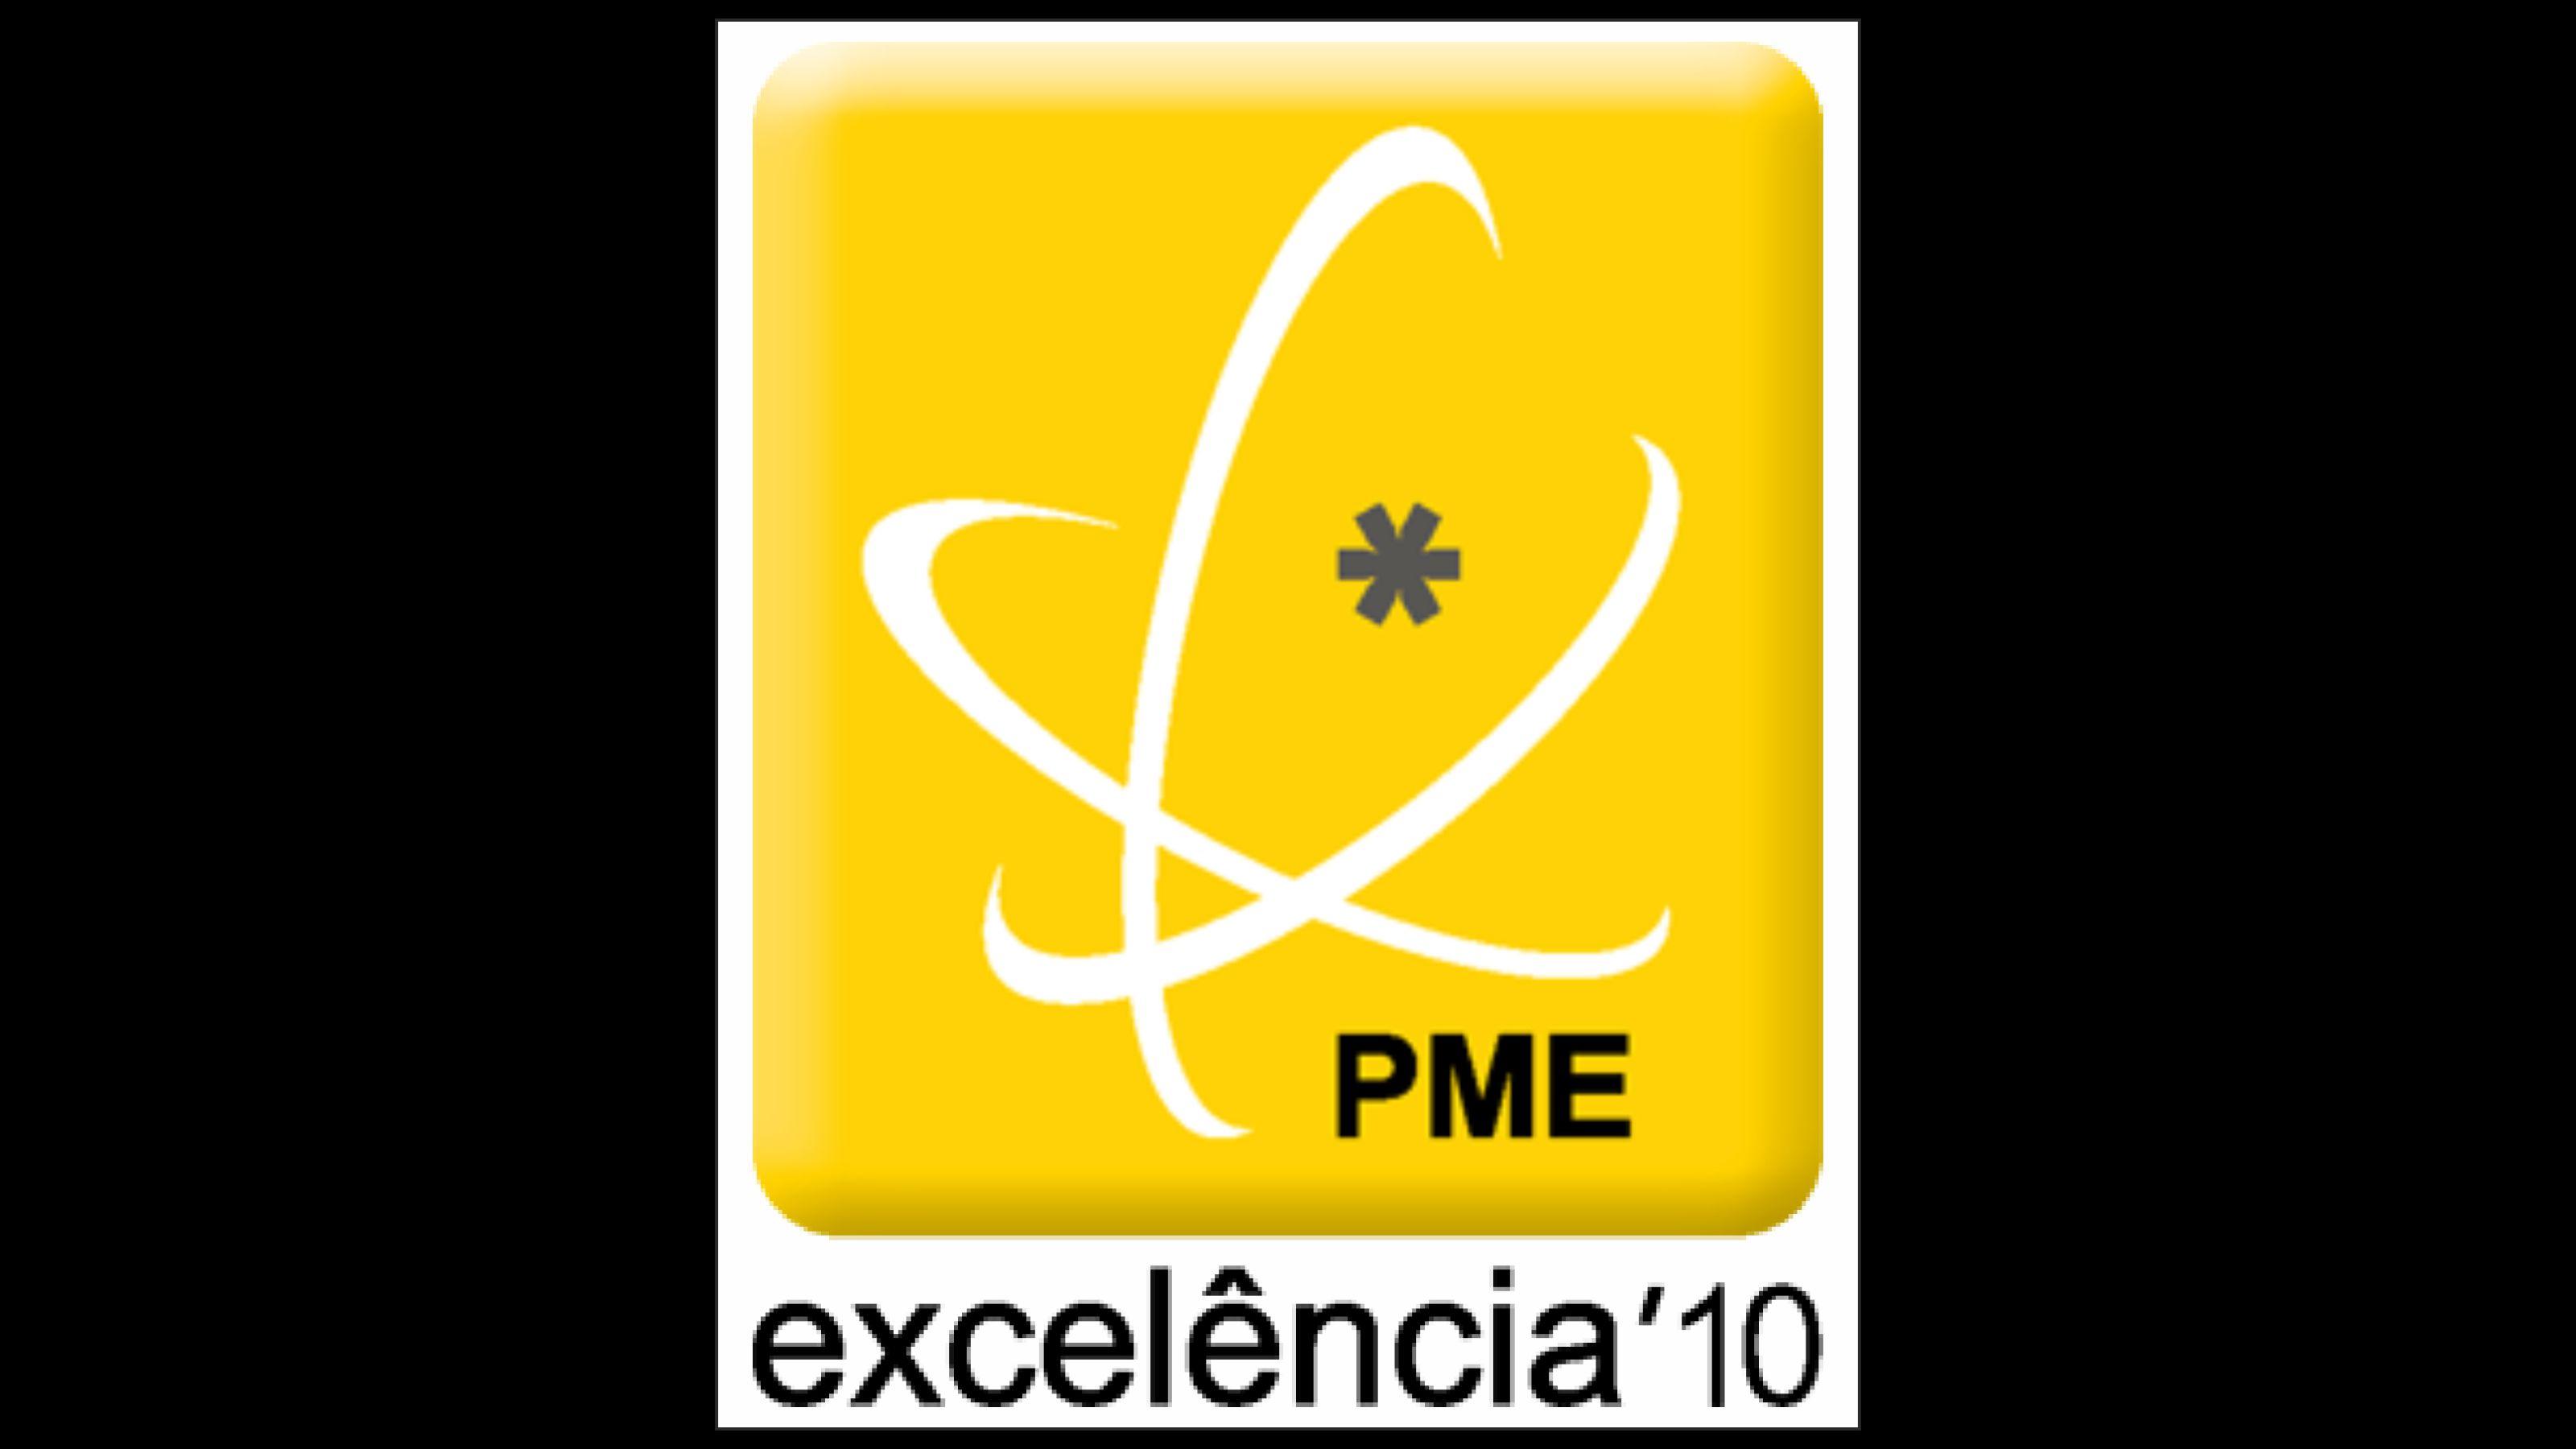 Galardão PME Excelência